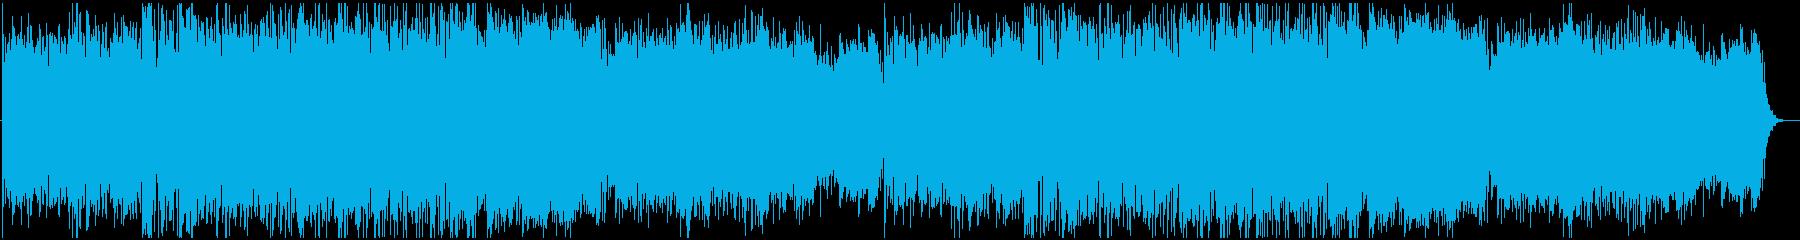 寂しげなフォーク曲の再生済みの波形